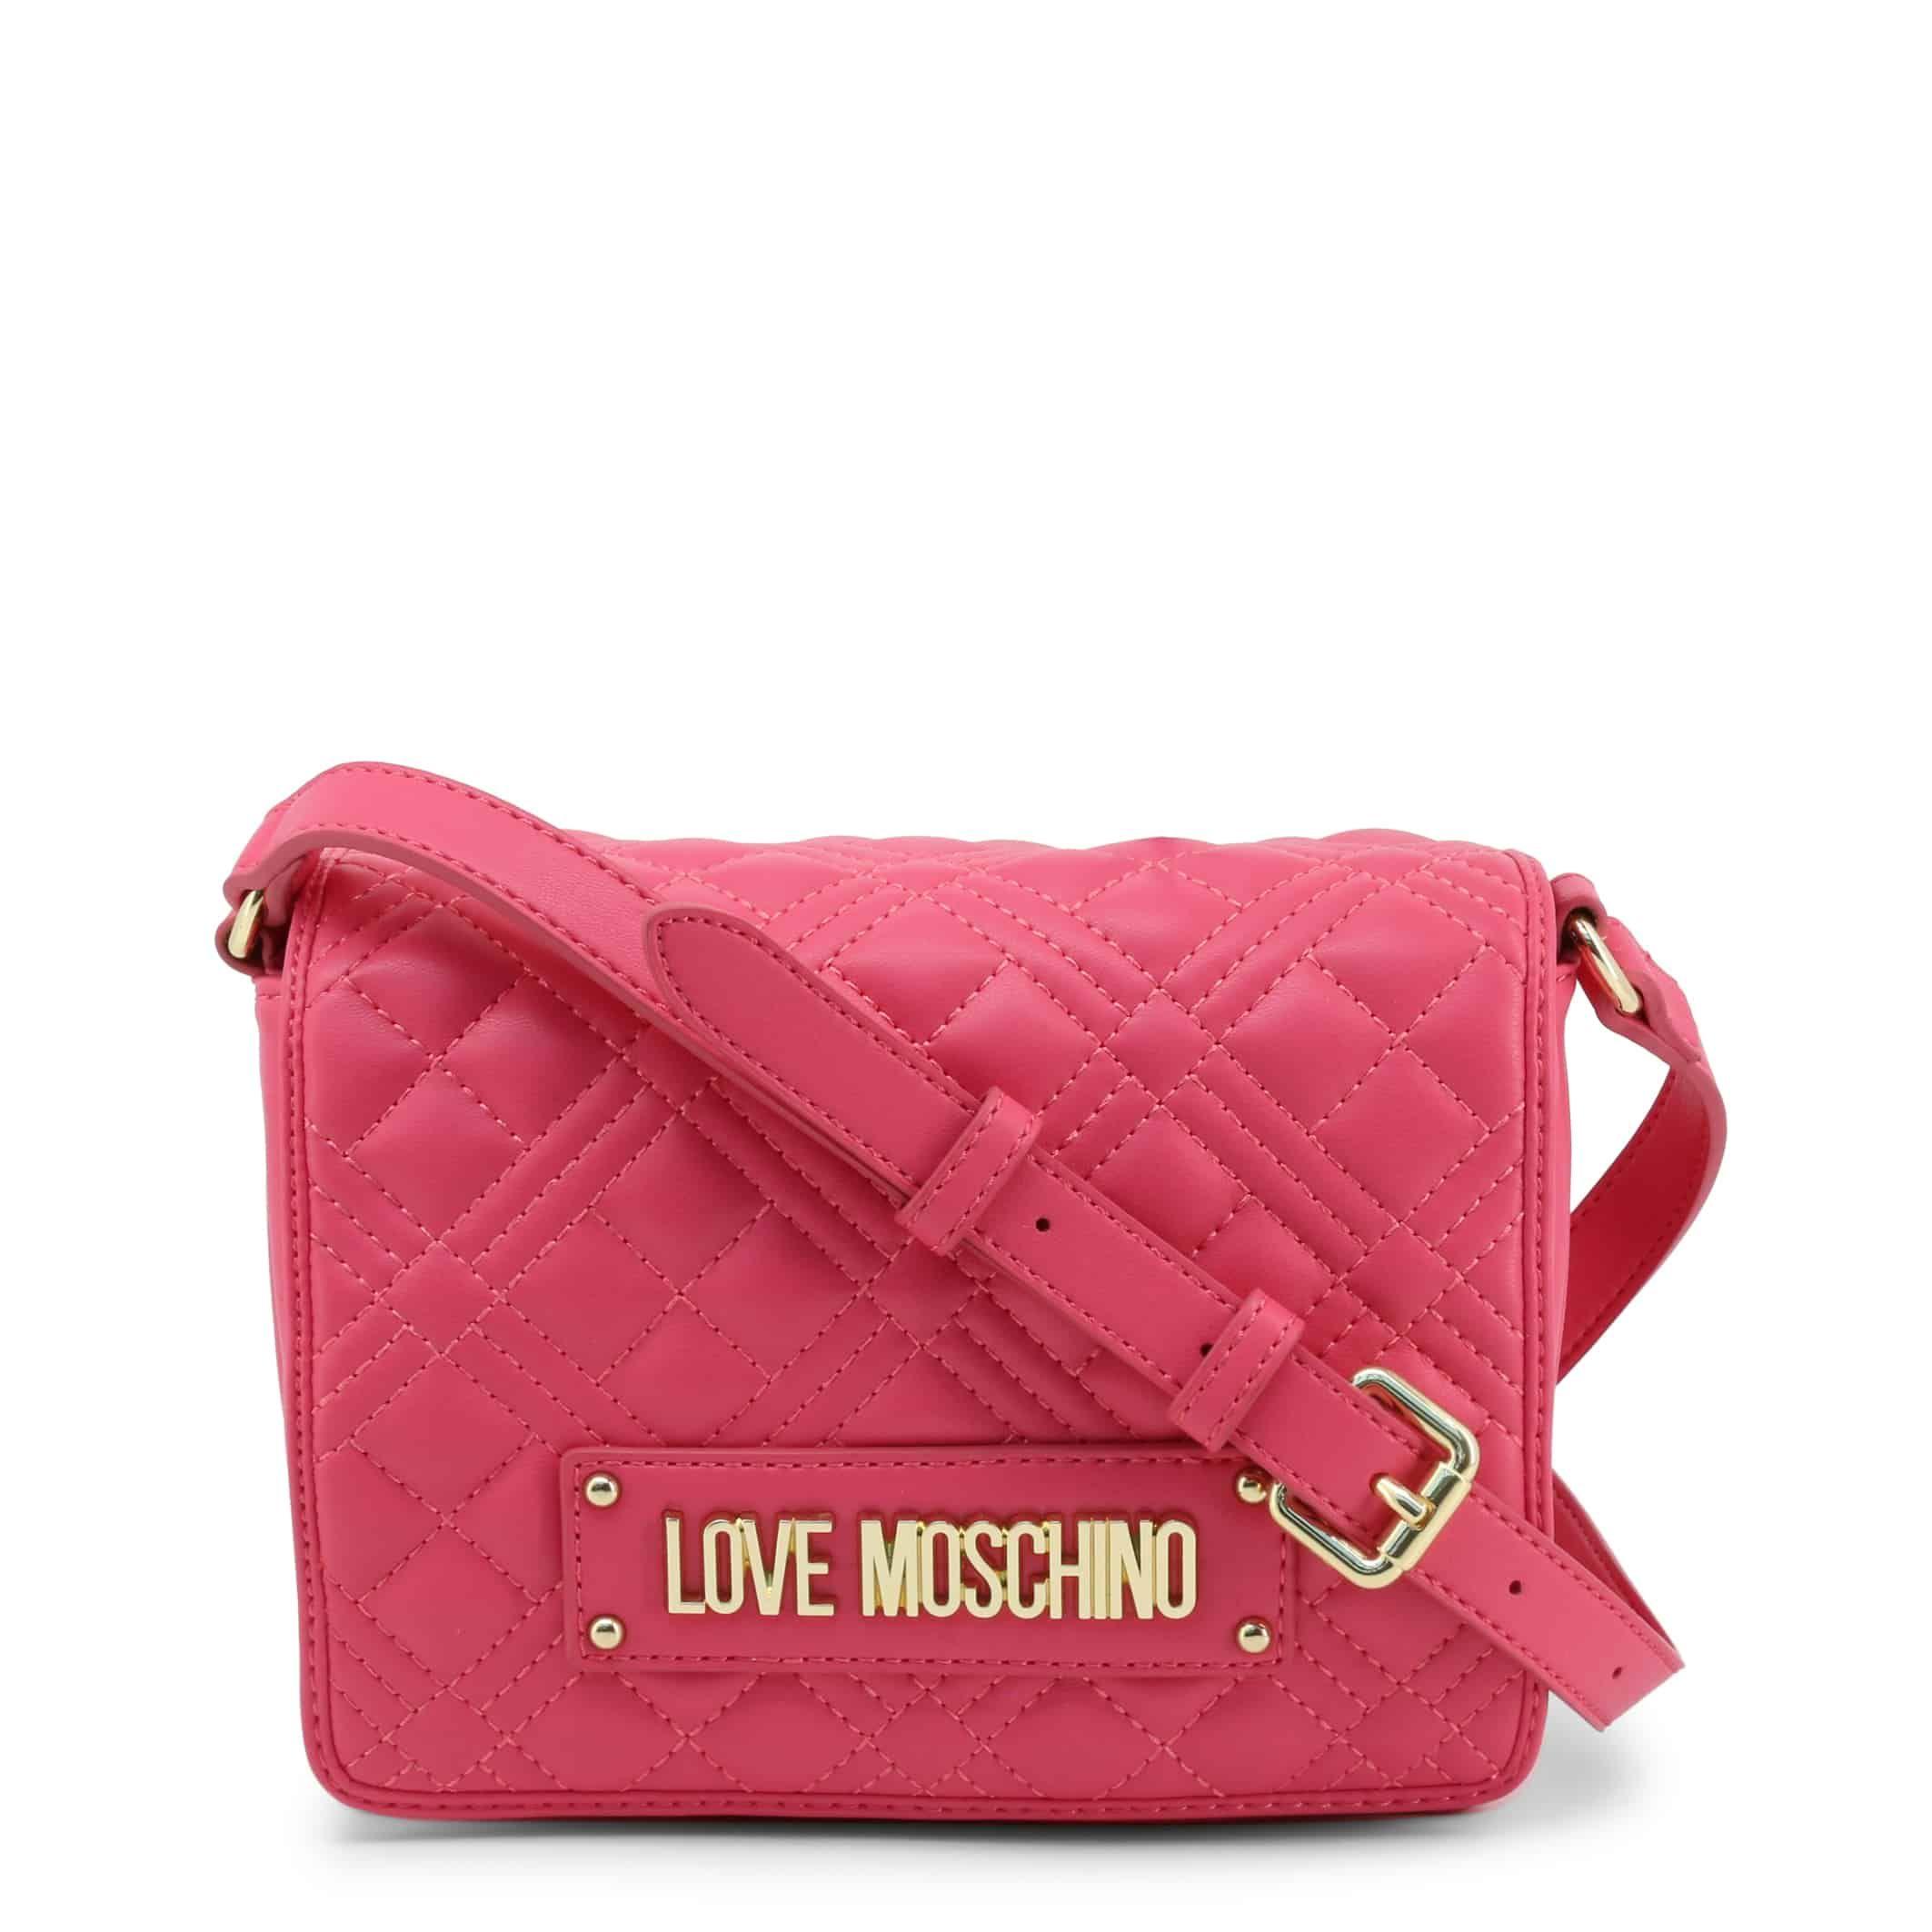 Love Moschino kvaliteetne naiste käekott